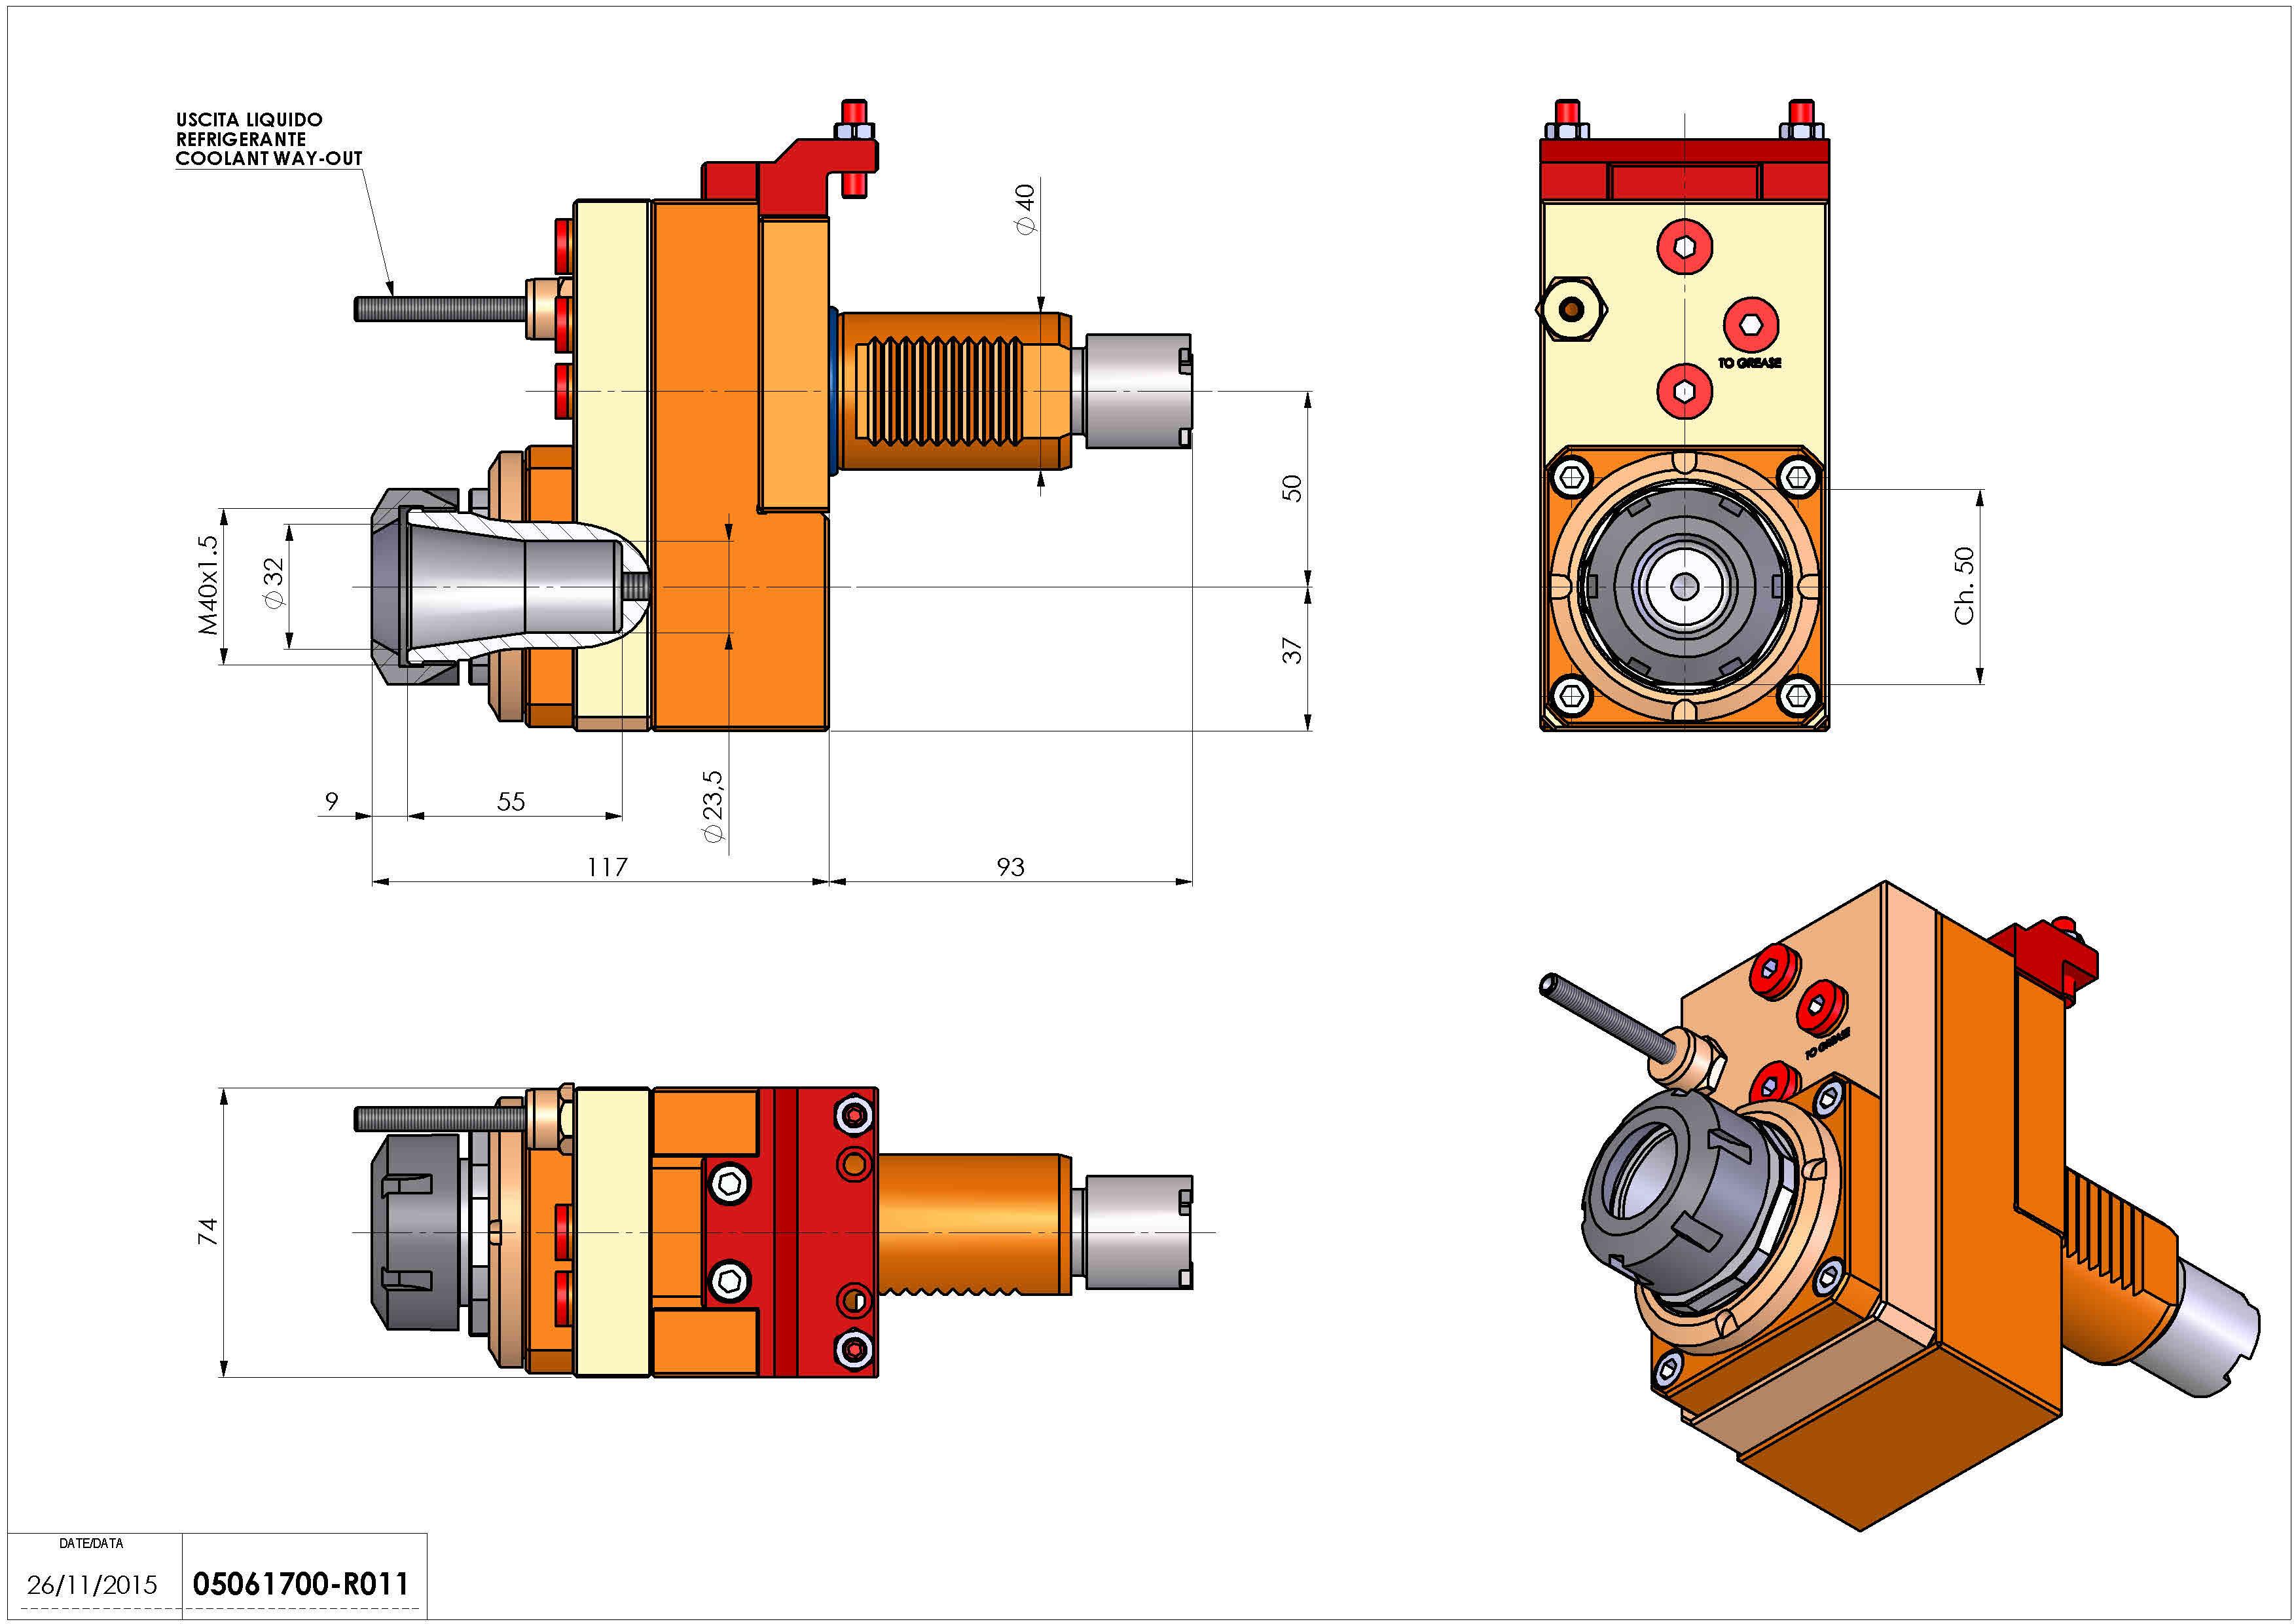 Technical image - LT-S VDI40 ER32 OF50 H108 S OK.